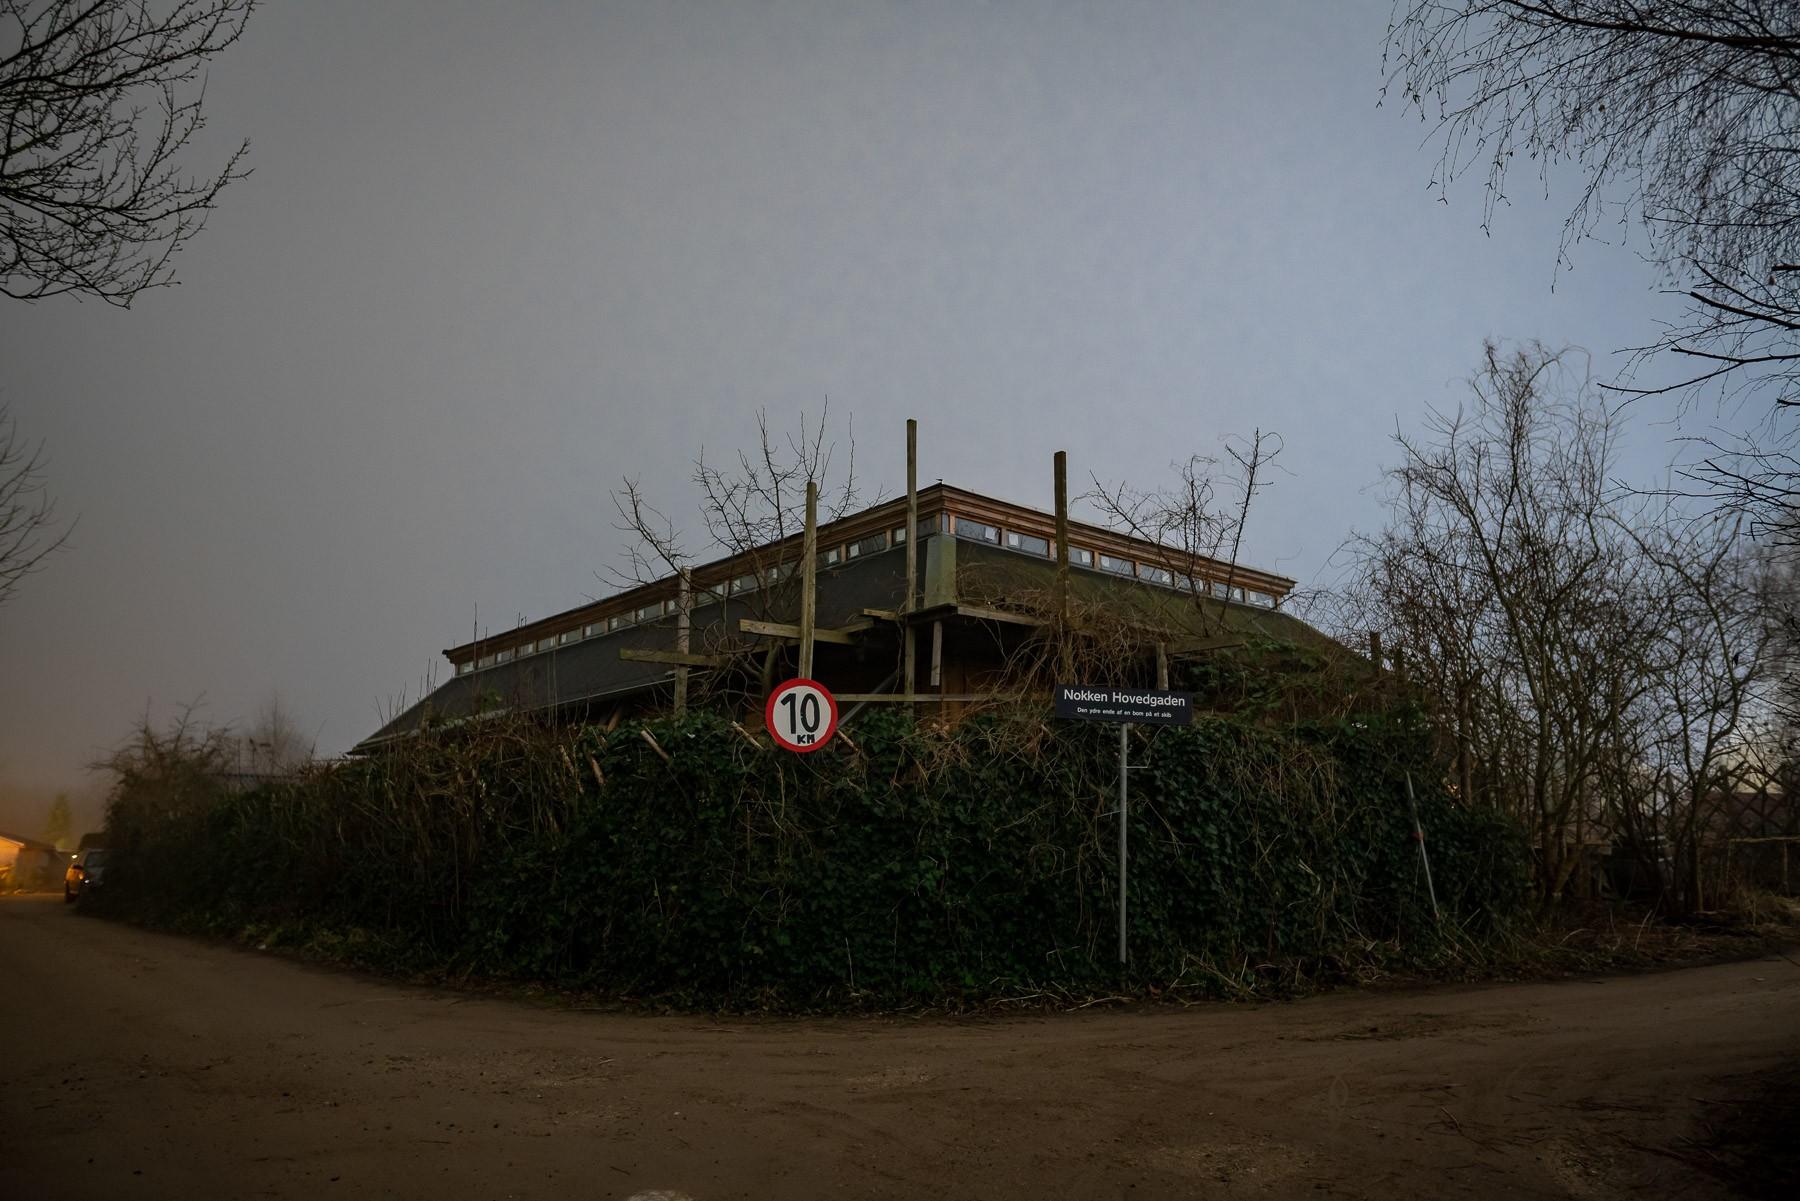 Stort hus under konstruktion i Haveforeningen Nokken